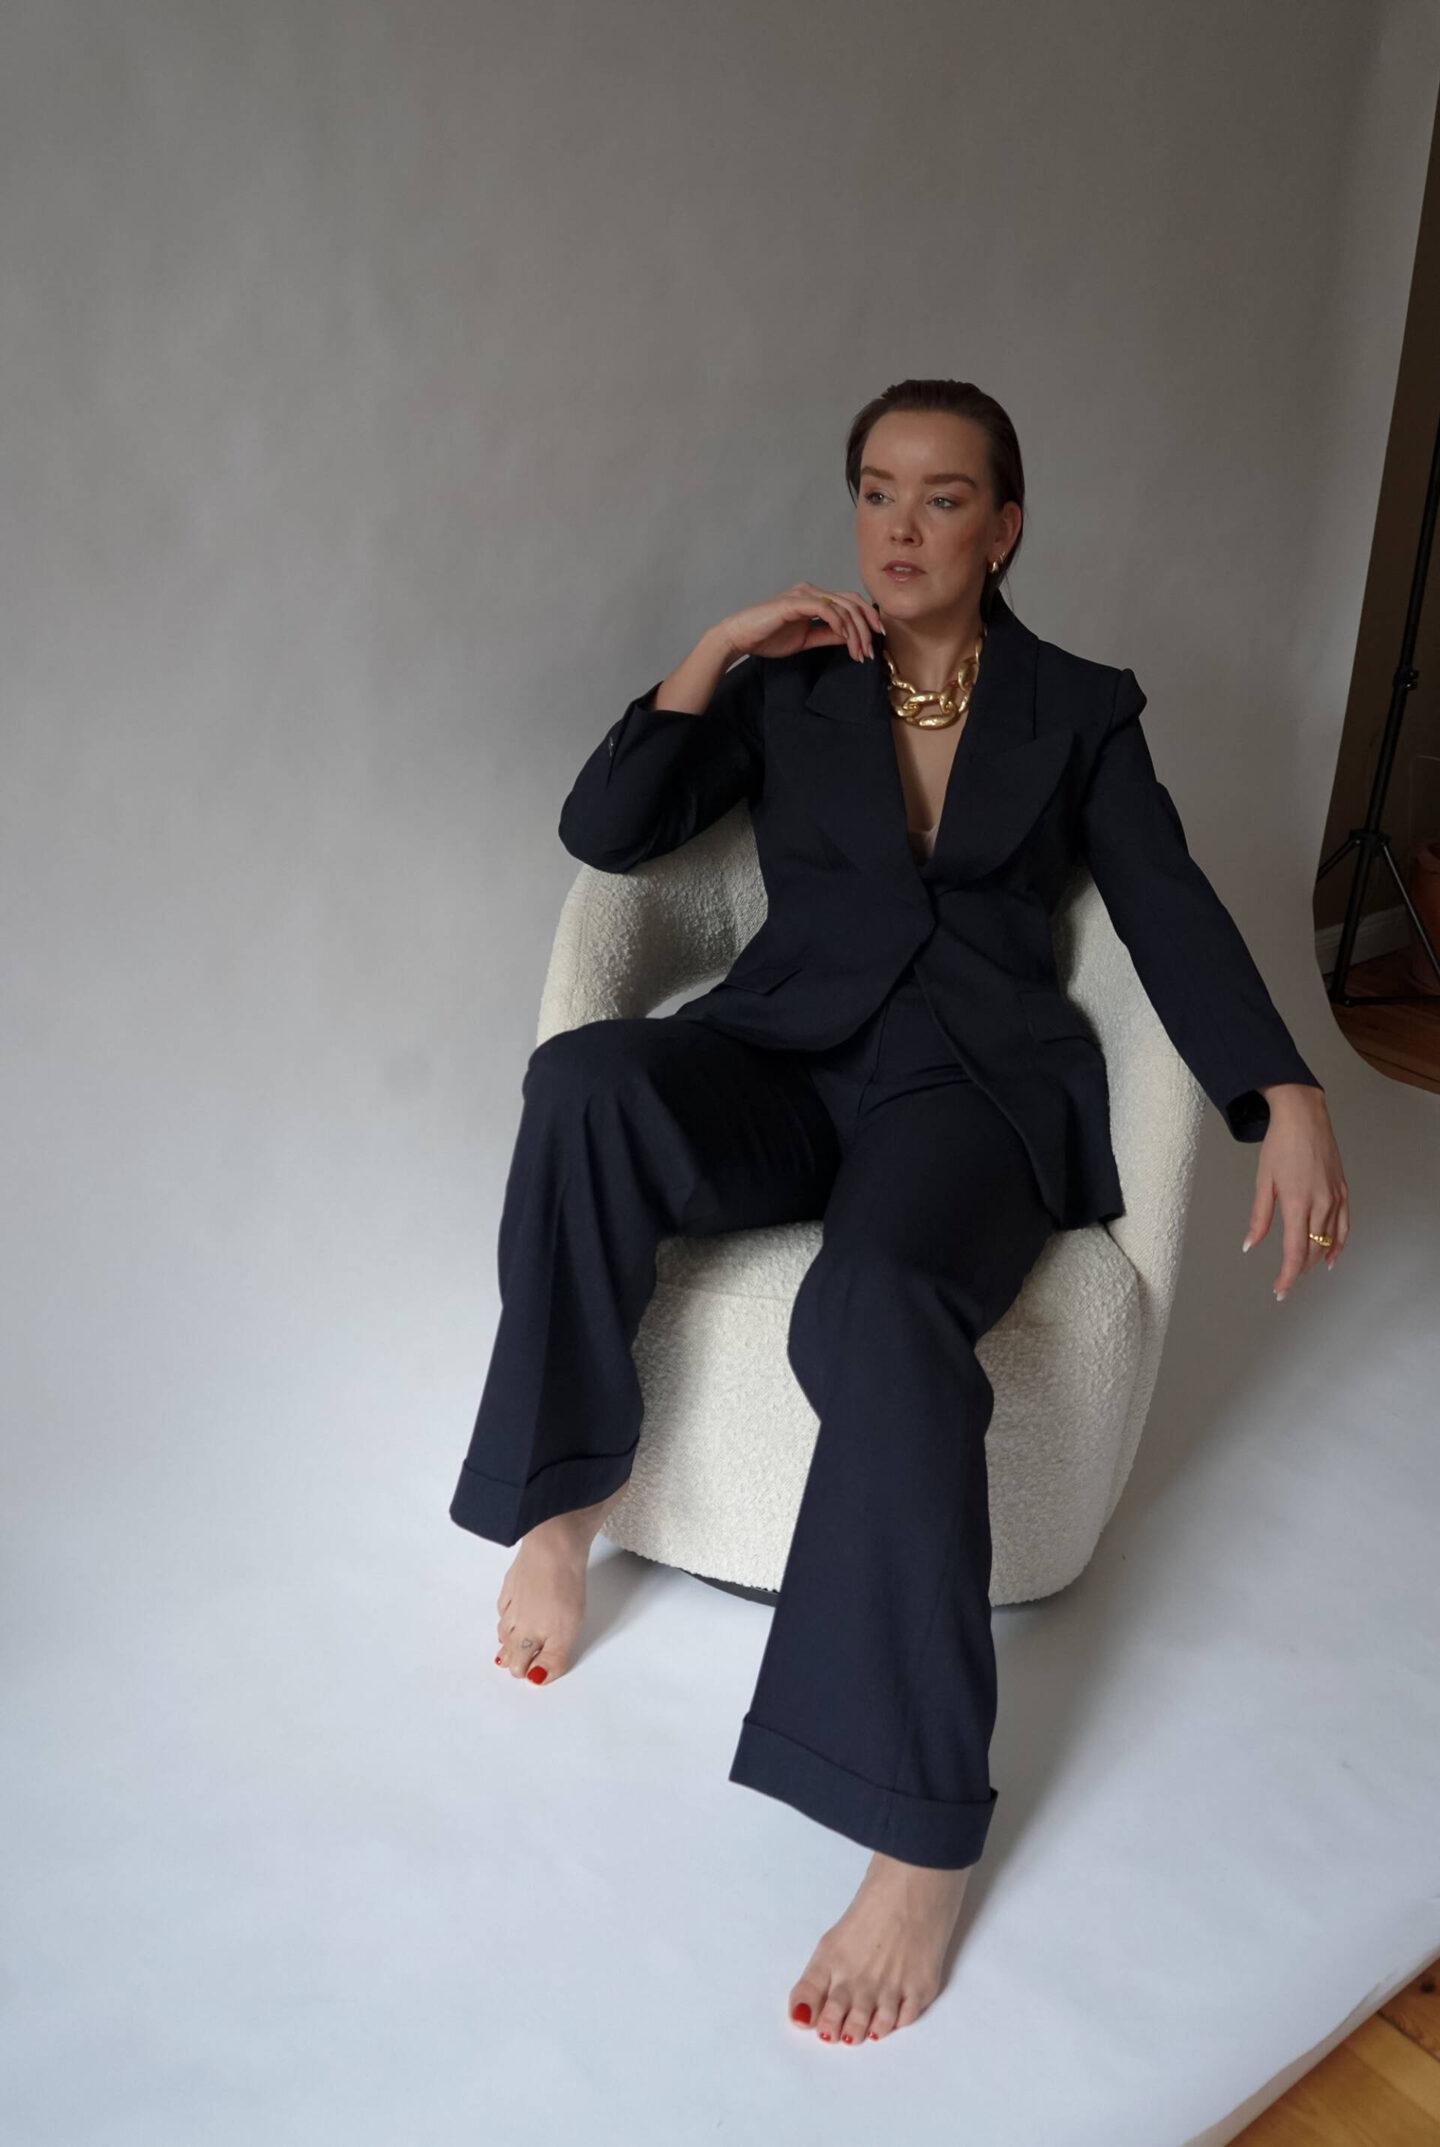 lockdown-boredom-oder-der-perfekte-retro-suit